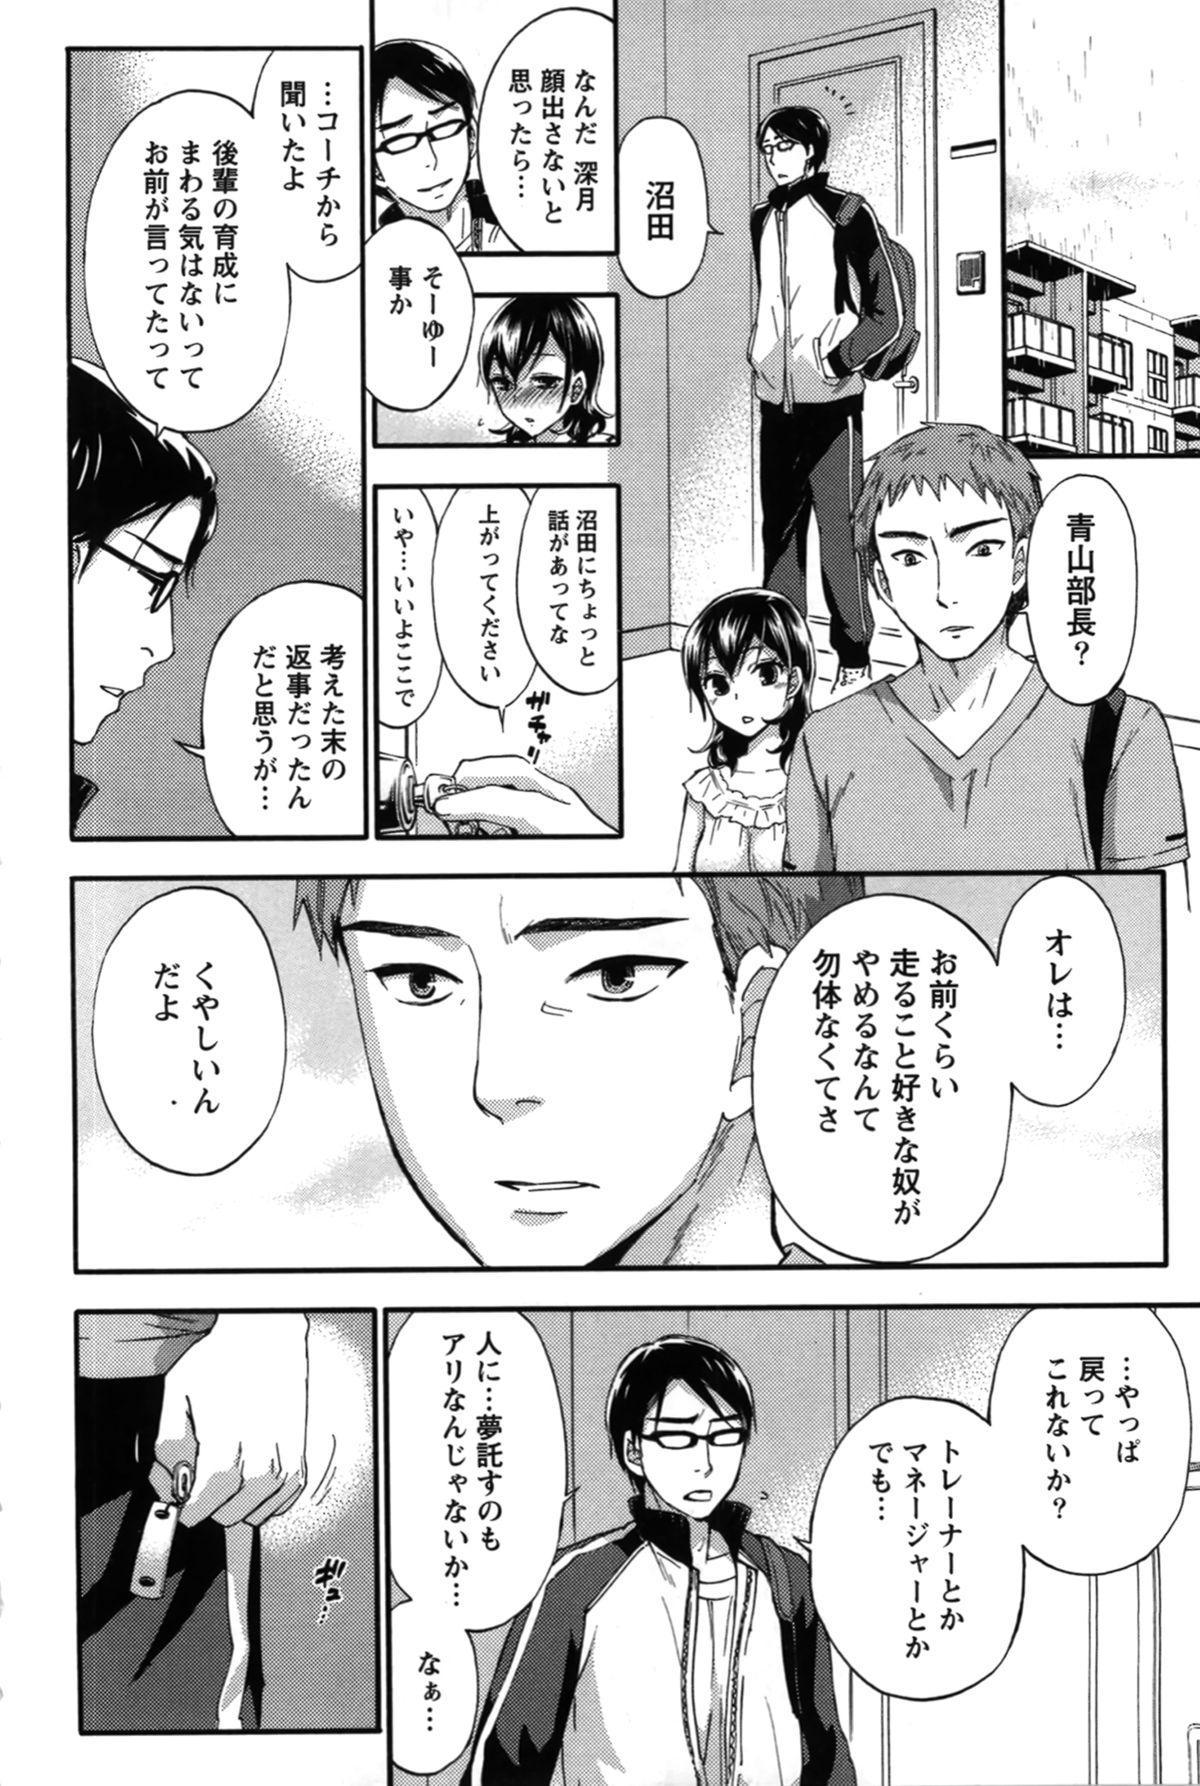 Anata to Watashi wa Warukunai 53